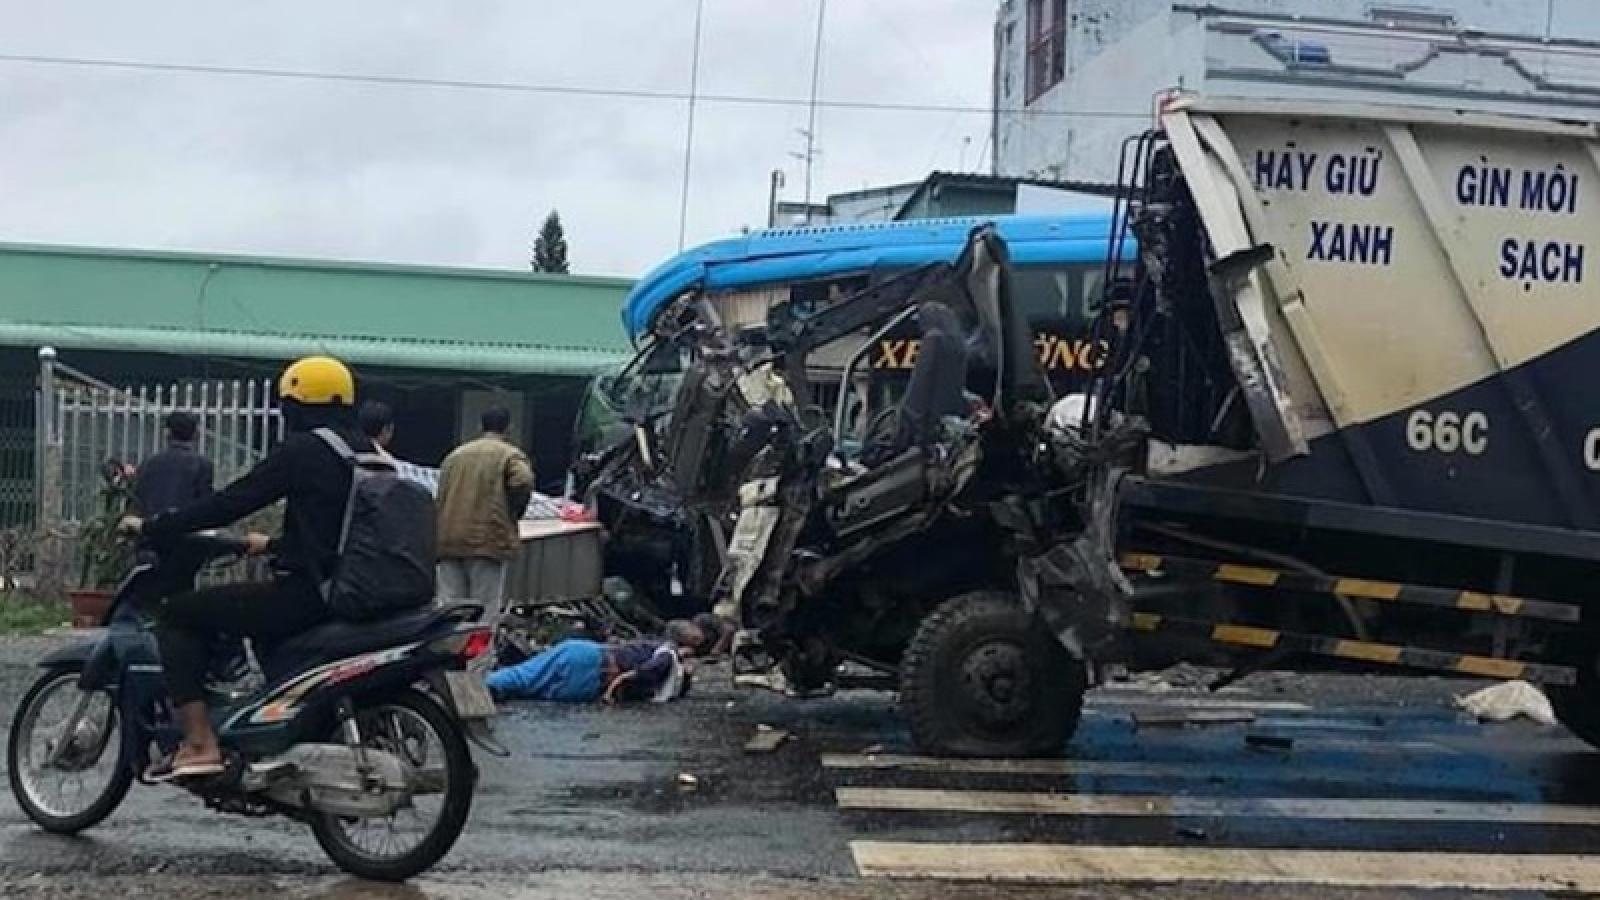 Tai nạn giữa xe chở rác và xe khách, hành khách hoảng loạn